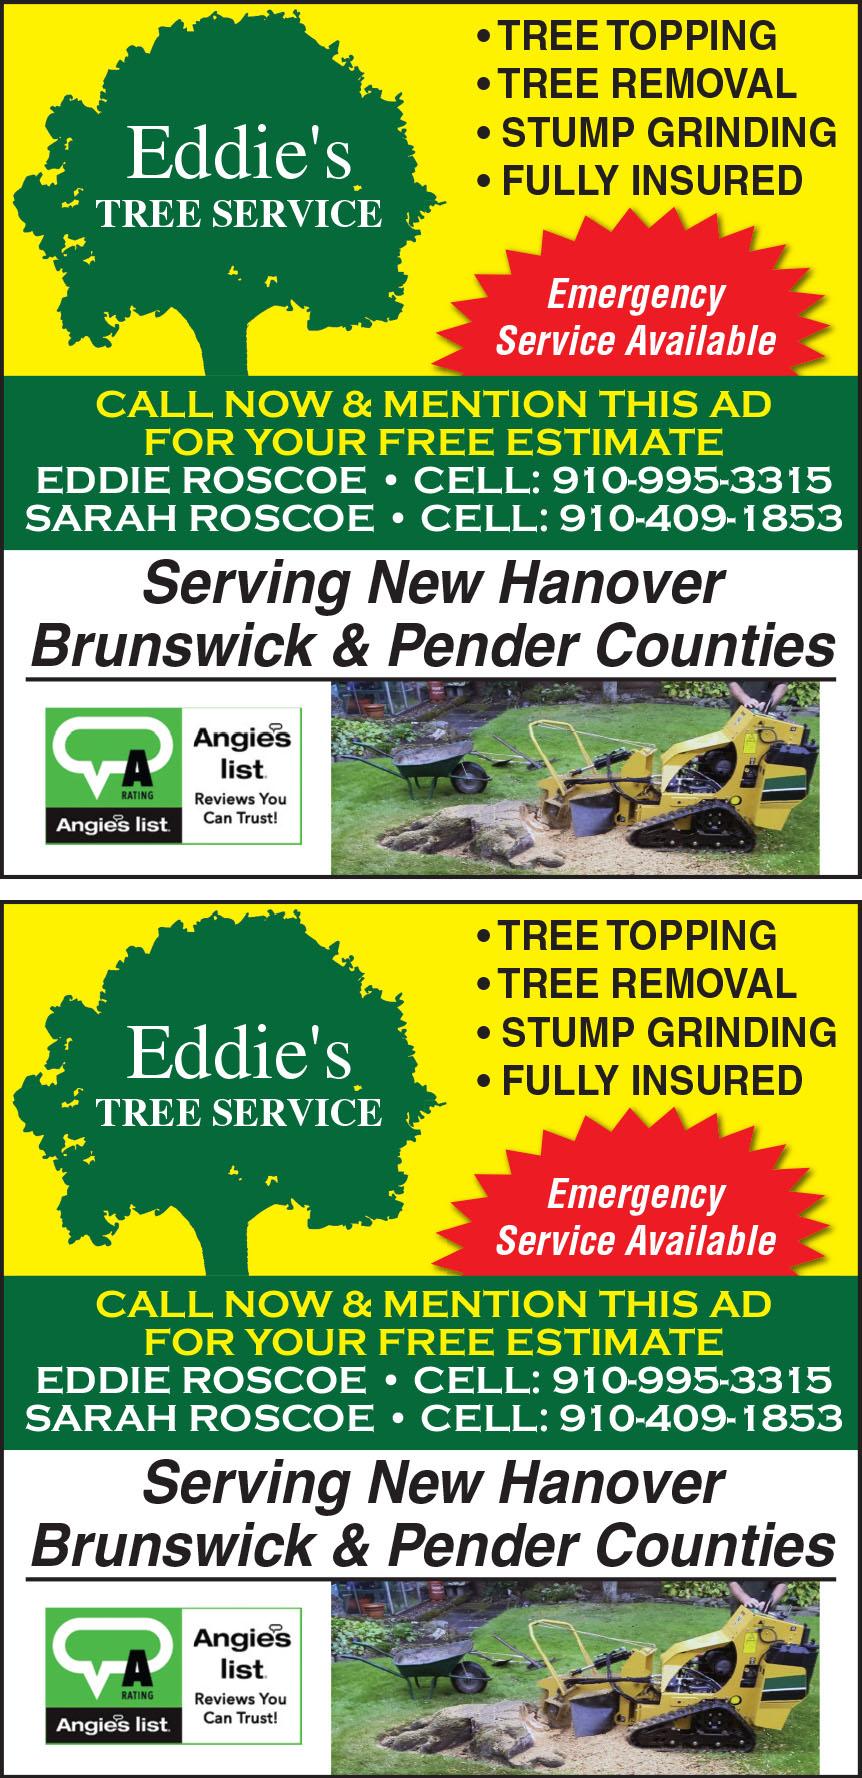 EDDIES TREE SERVICE INC